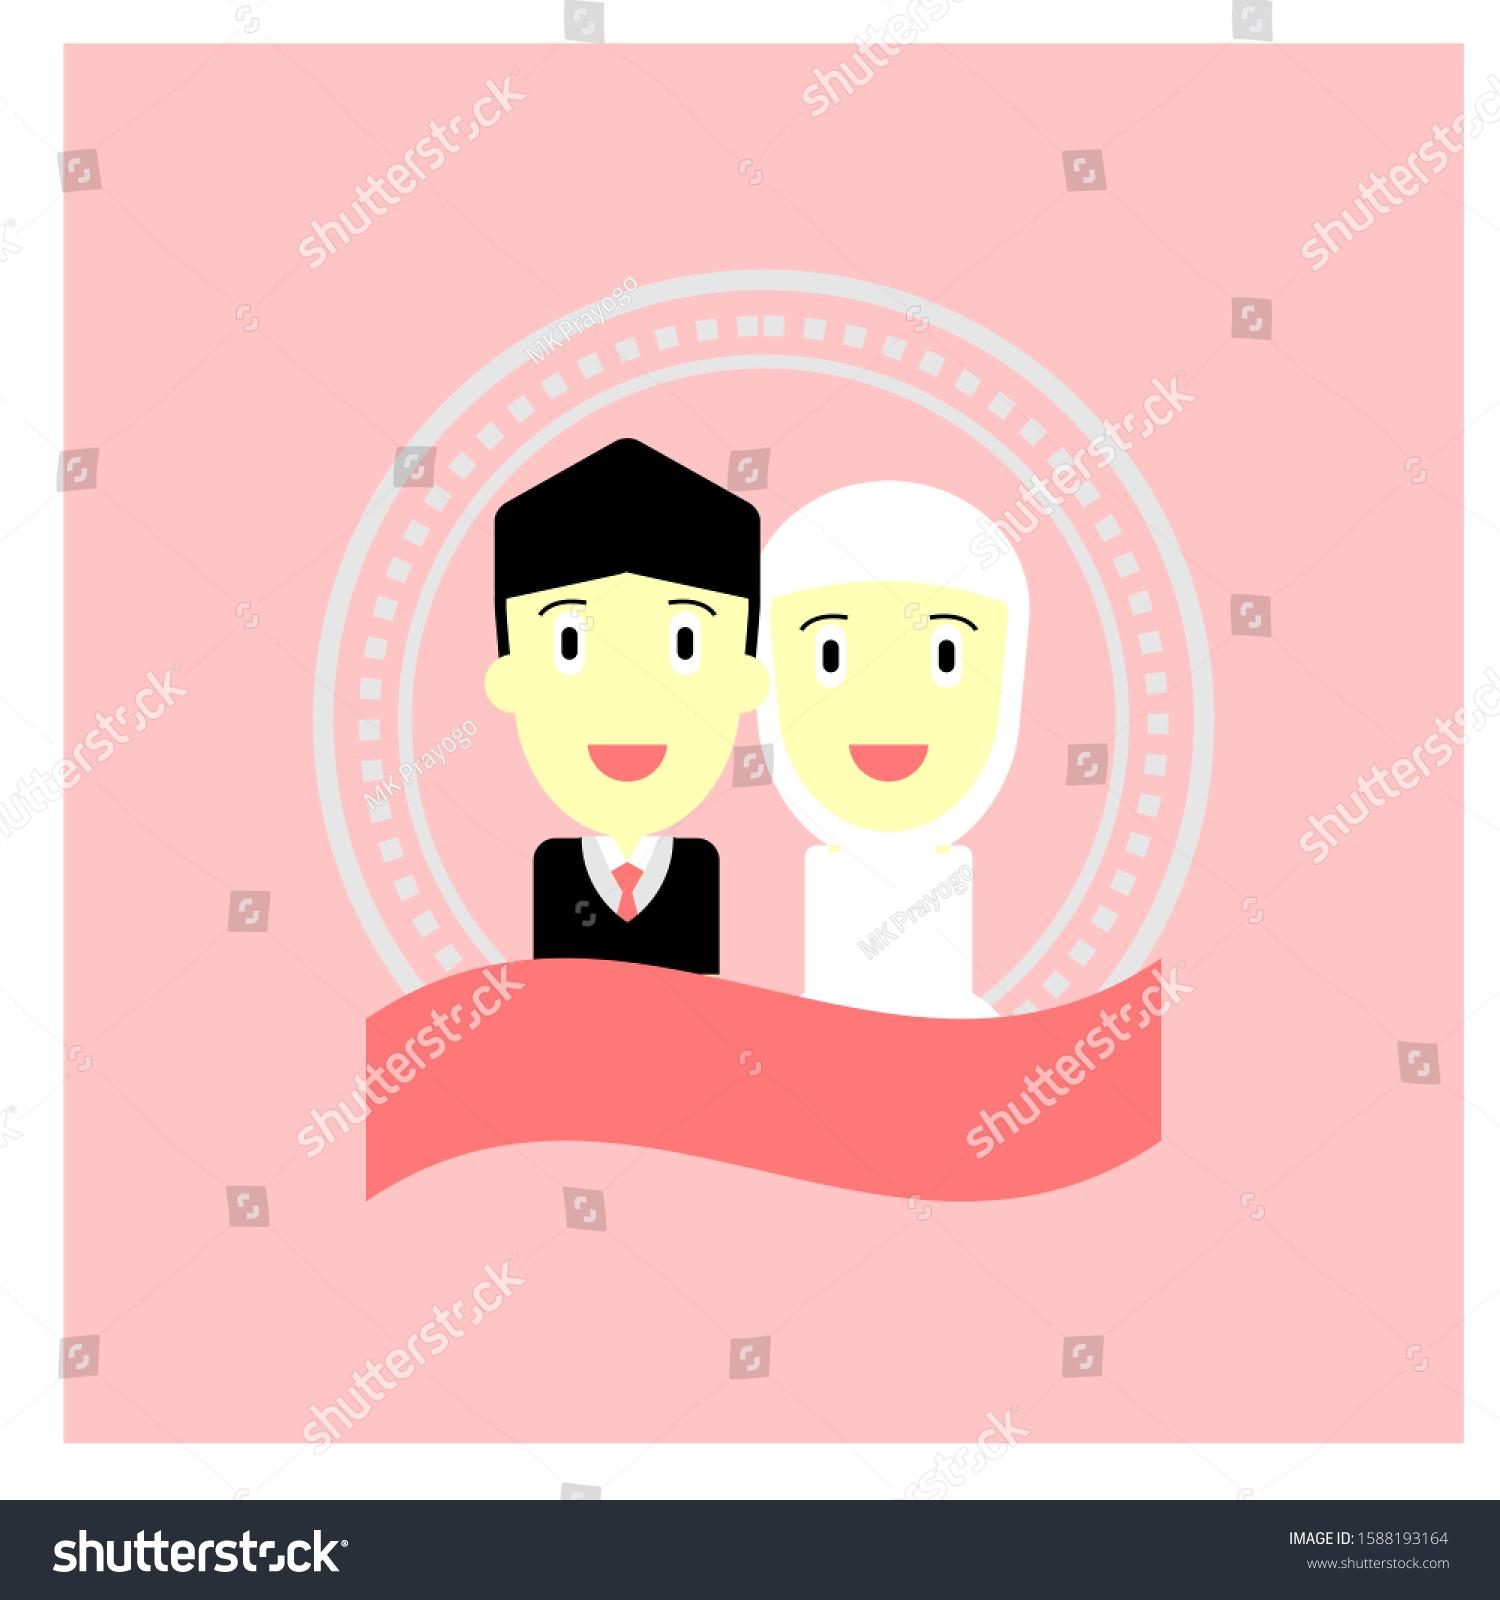 Cute Character Wedding Moslem Romantic Cartoon Stock Vector Royalty Free 1588193164